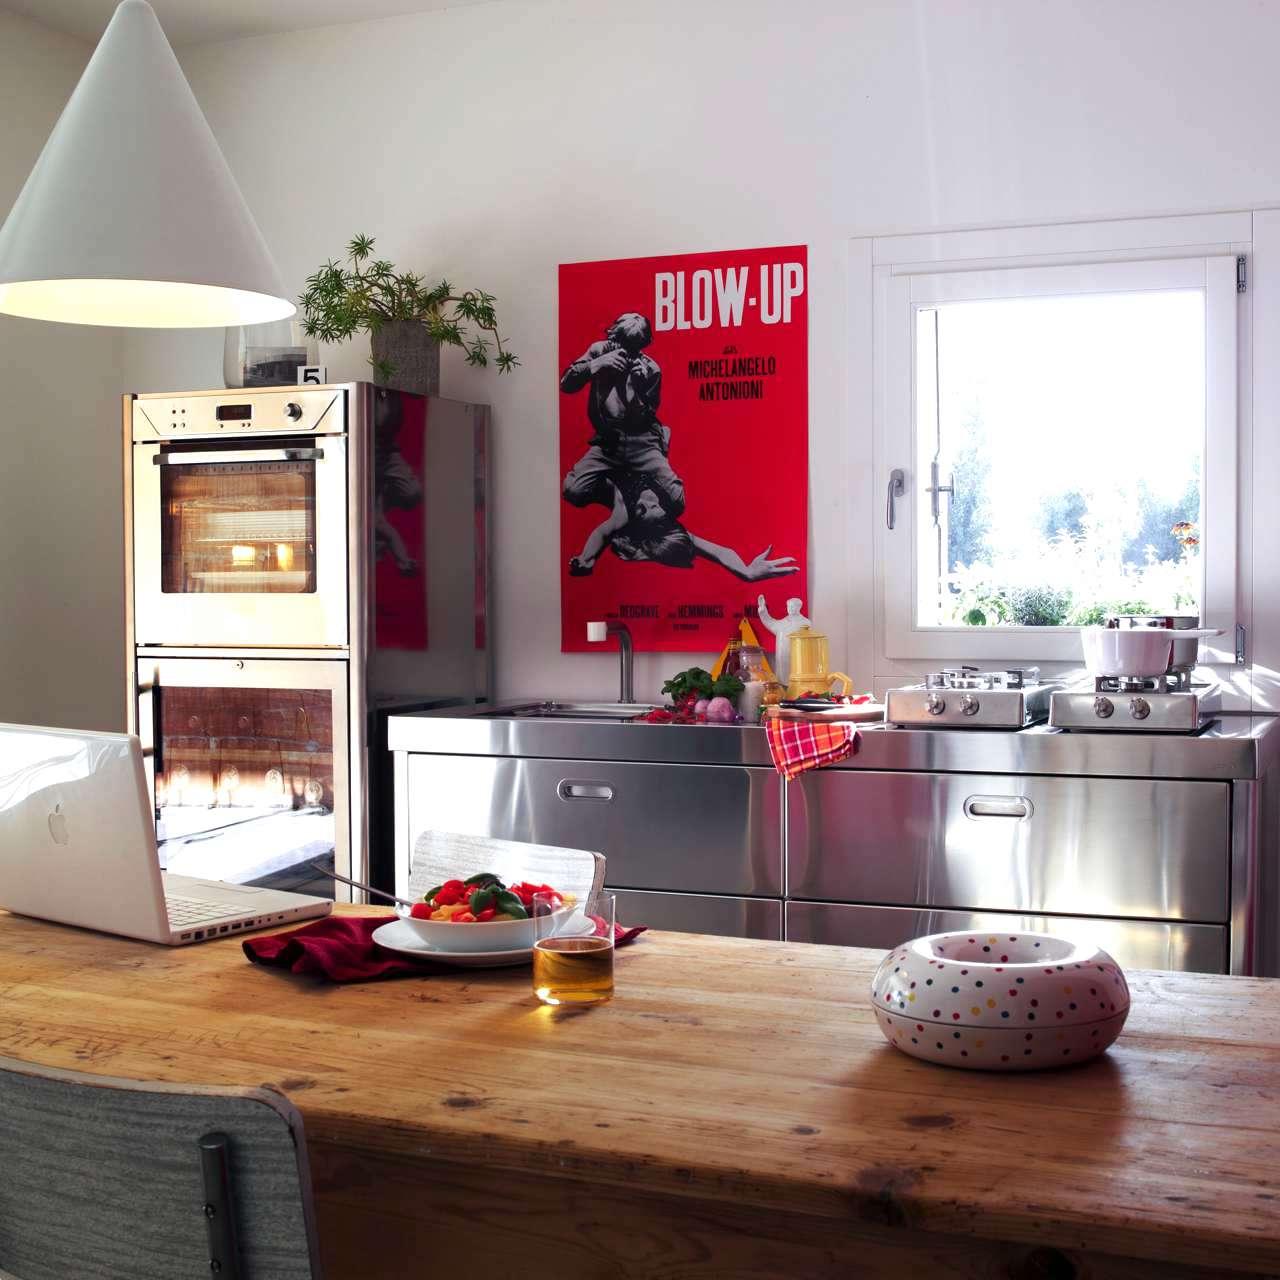 Full Size of Modulküche Edelstahl Freiheit Der Kche Kchen Journal Edelstahlküche Ikea Outdoor Küche Holz Gebraucht Garten Wohnzimmer Modulküche Edelstahl